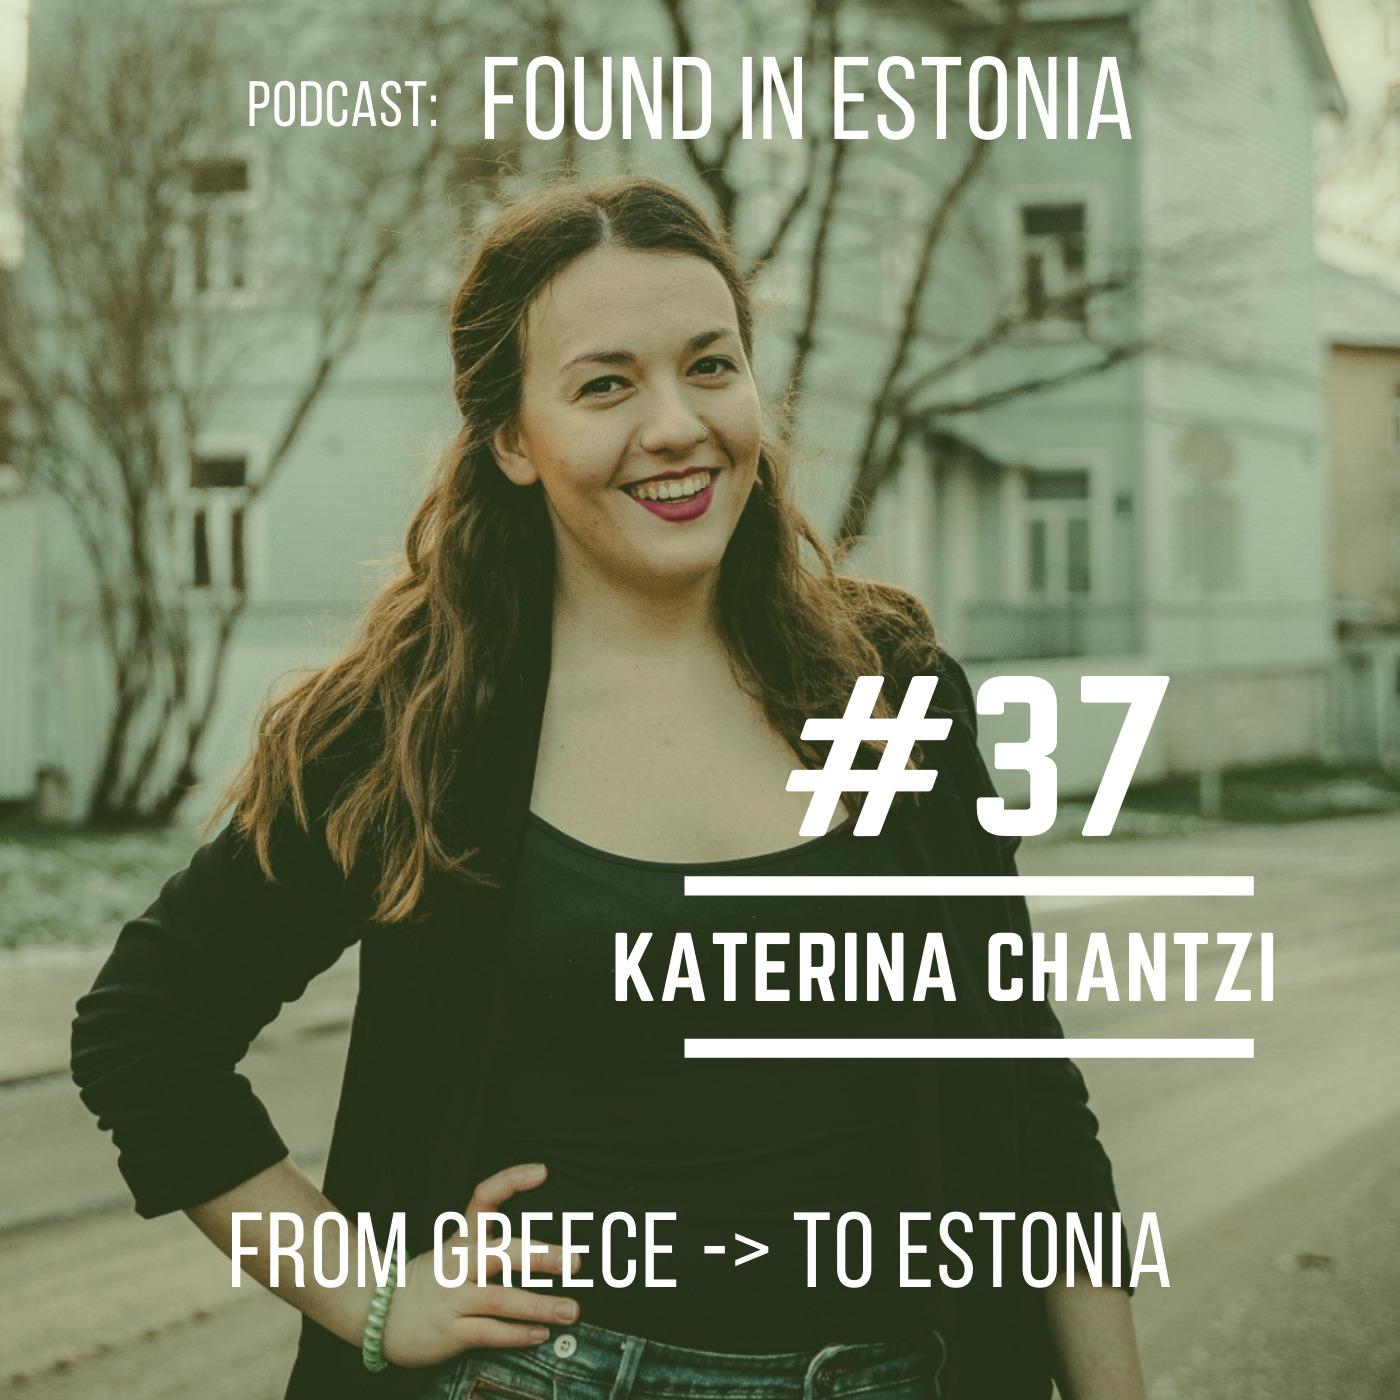 #37 Katerina Chantzi from Greece to Estonia